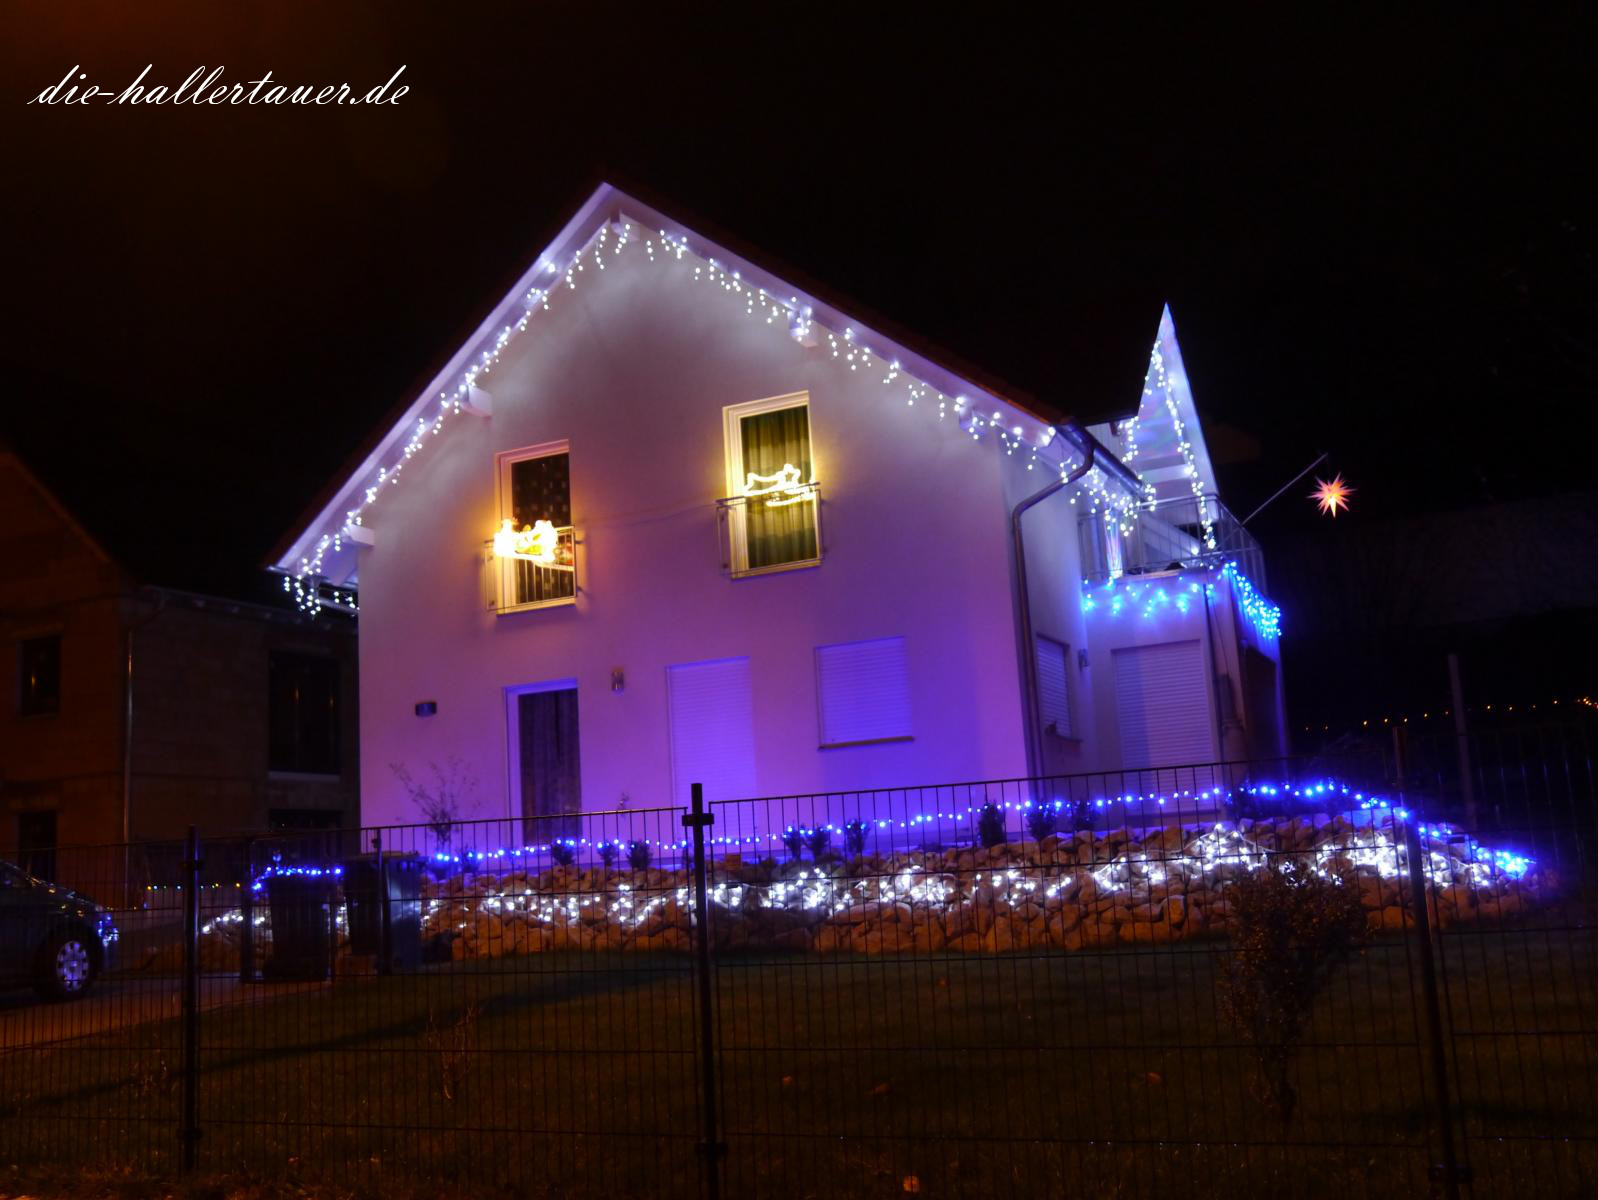 Weihnachtsbeleuchtung in Nandlstadt